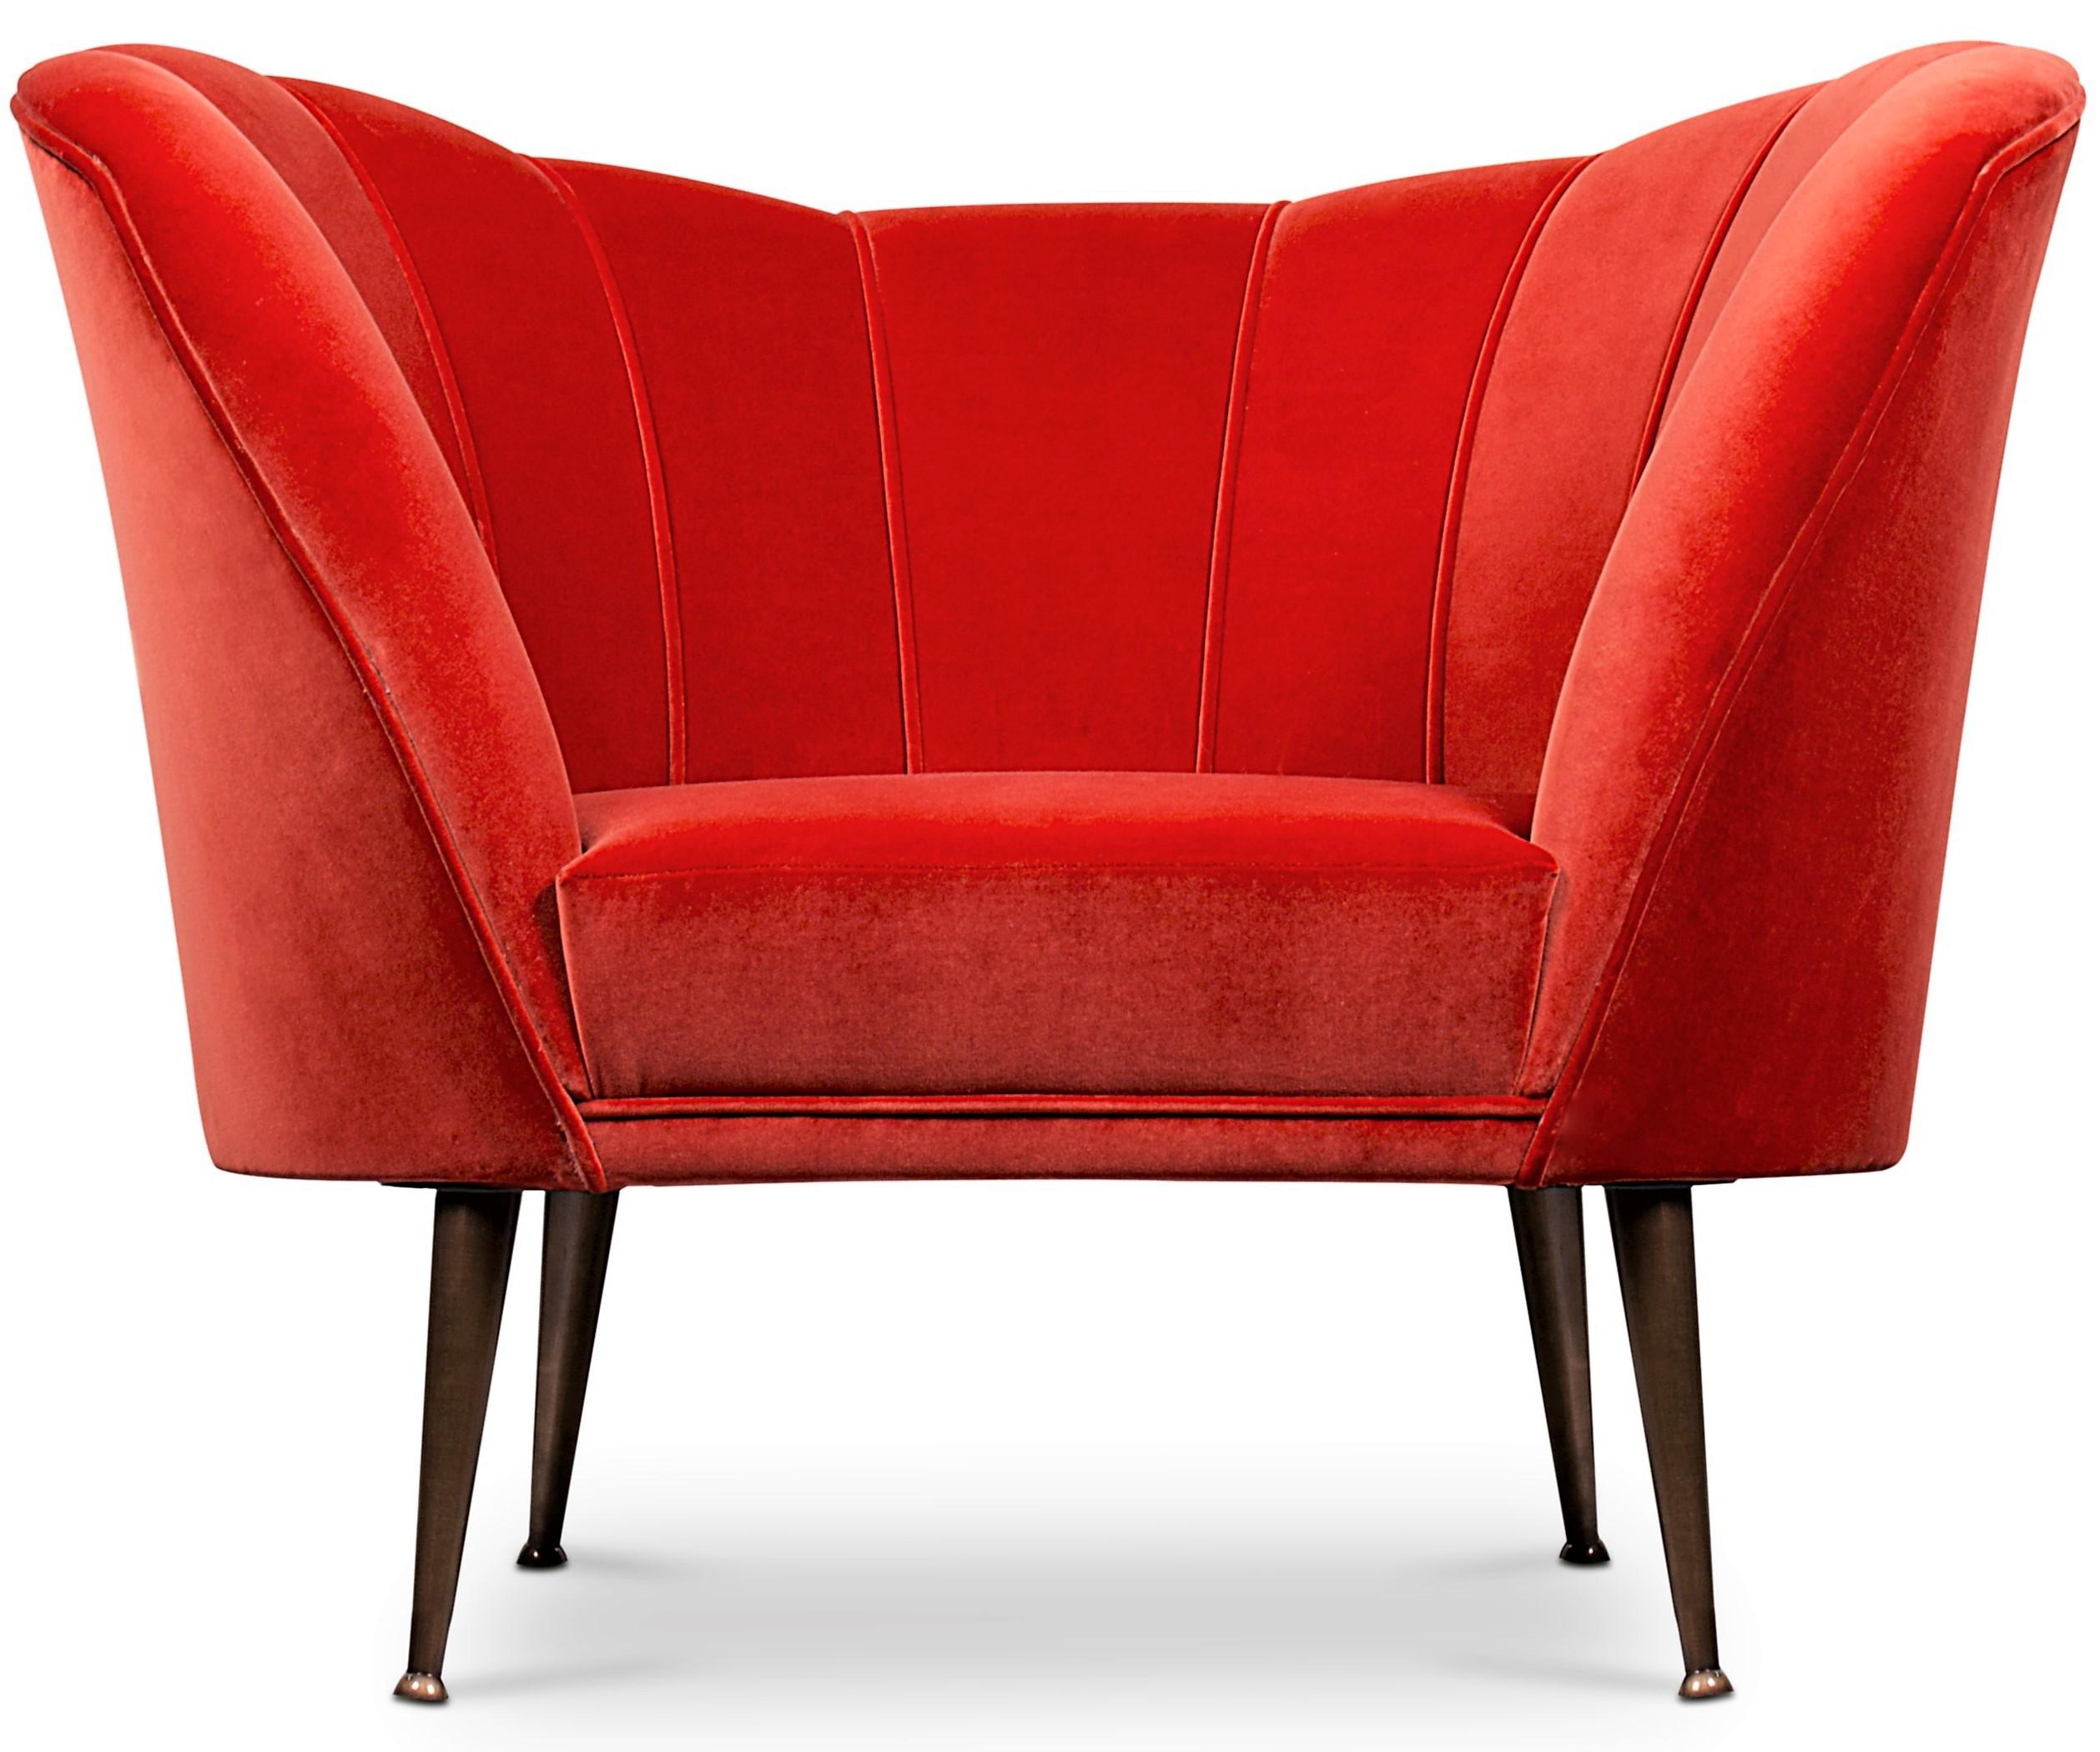 Stuhl rot Anden BRABBU Design Kräfte